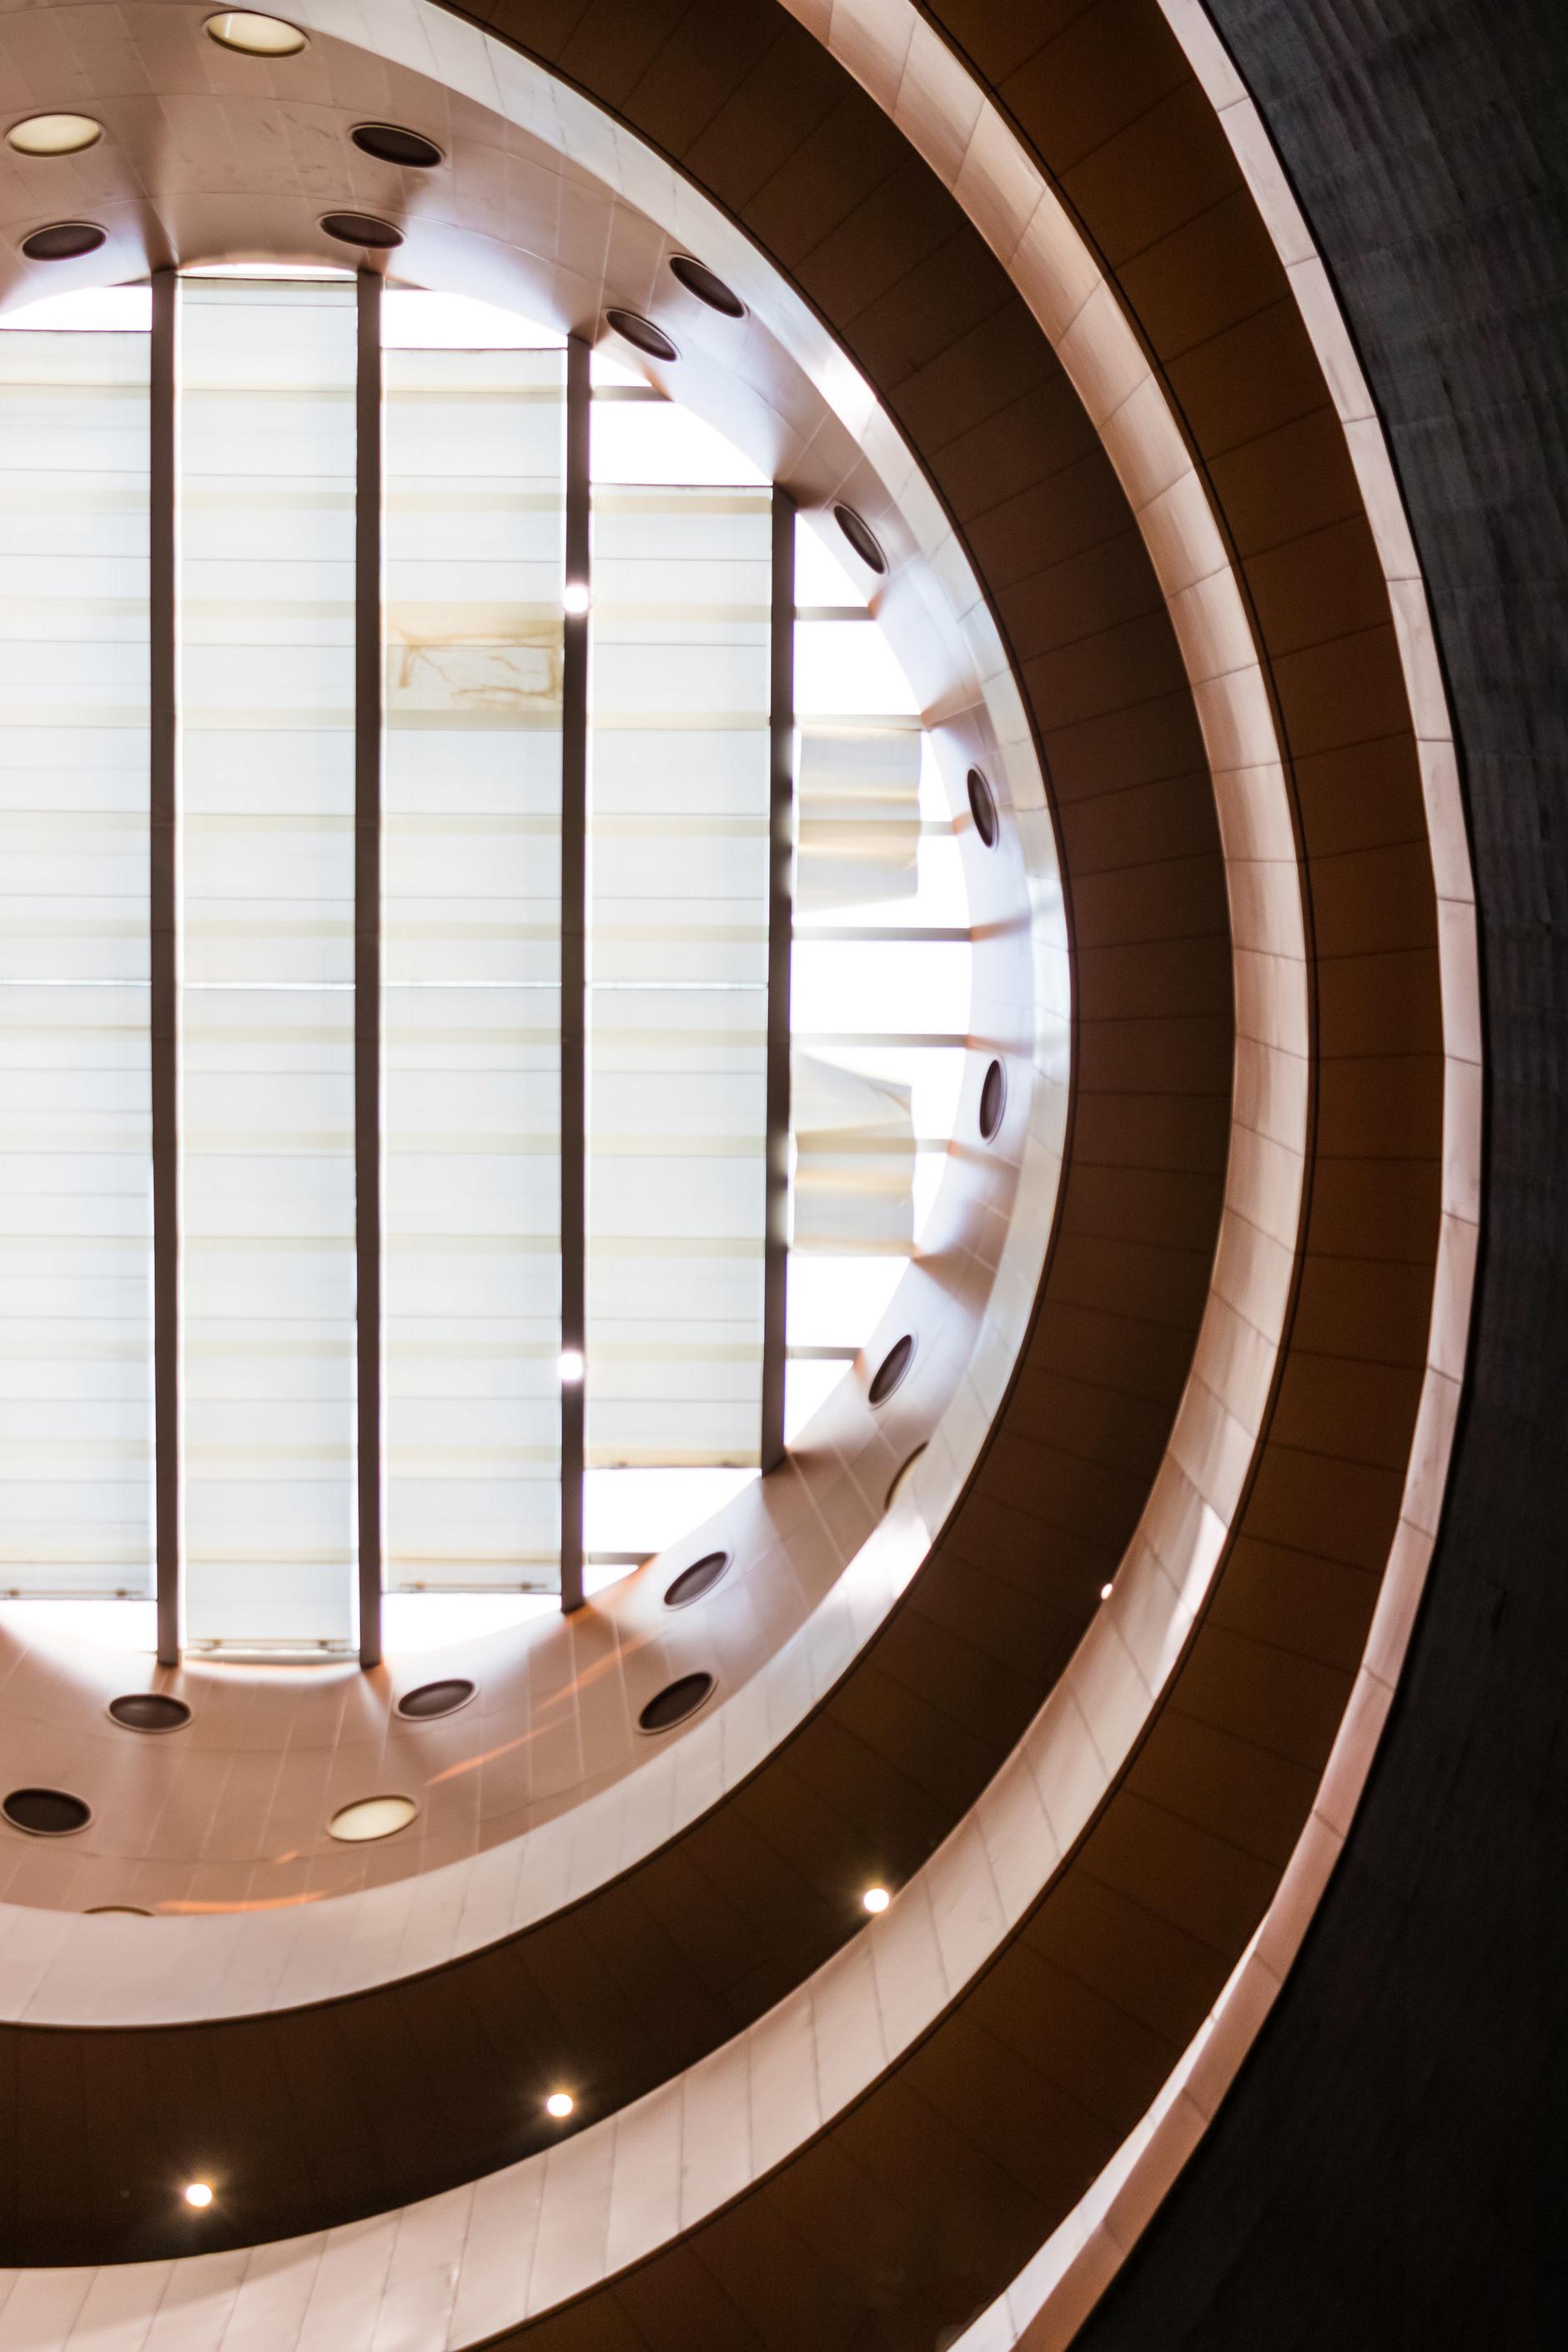 И медные трубы: новый музей по проекту Бернара Чуми в Китае (галерея 6, фото 2)